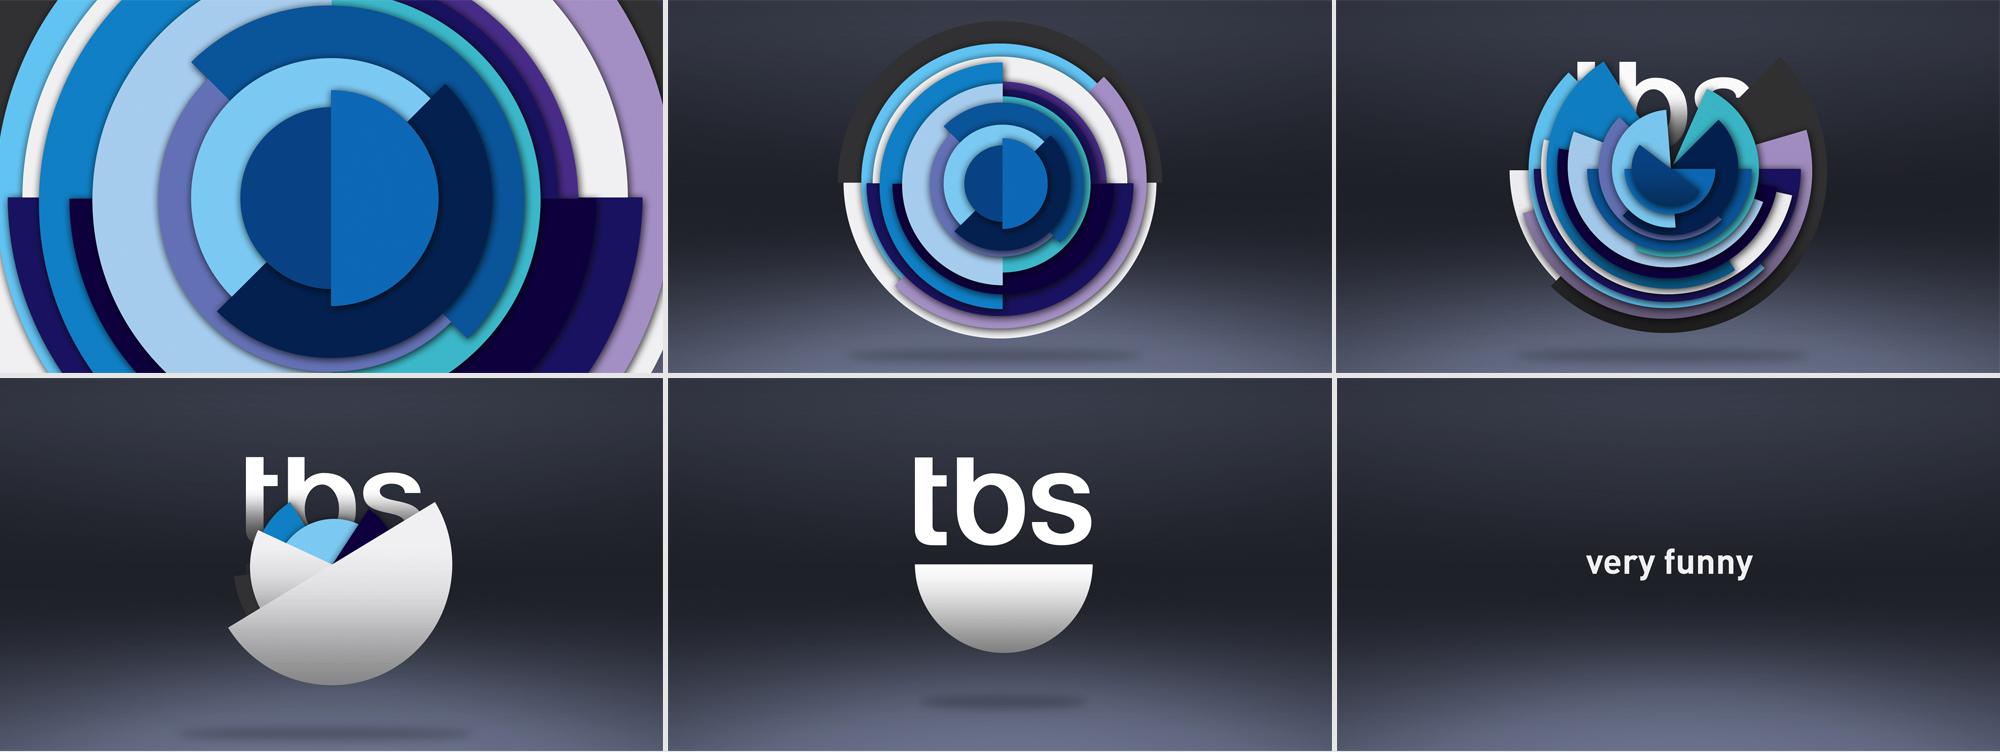 TBS_endtag.jpg